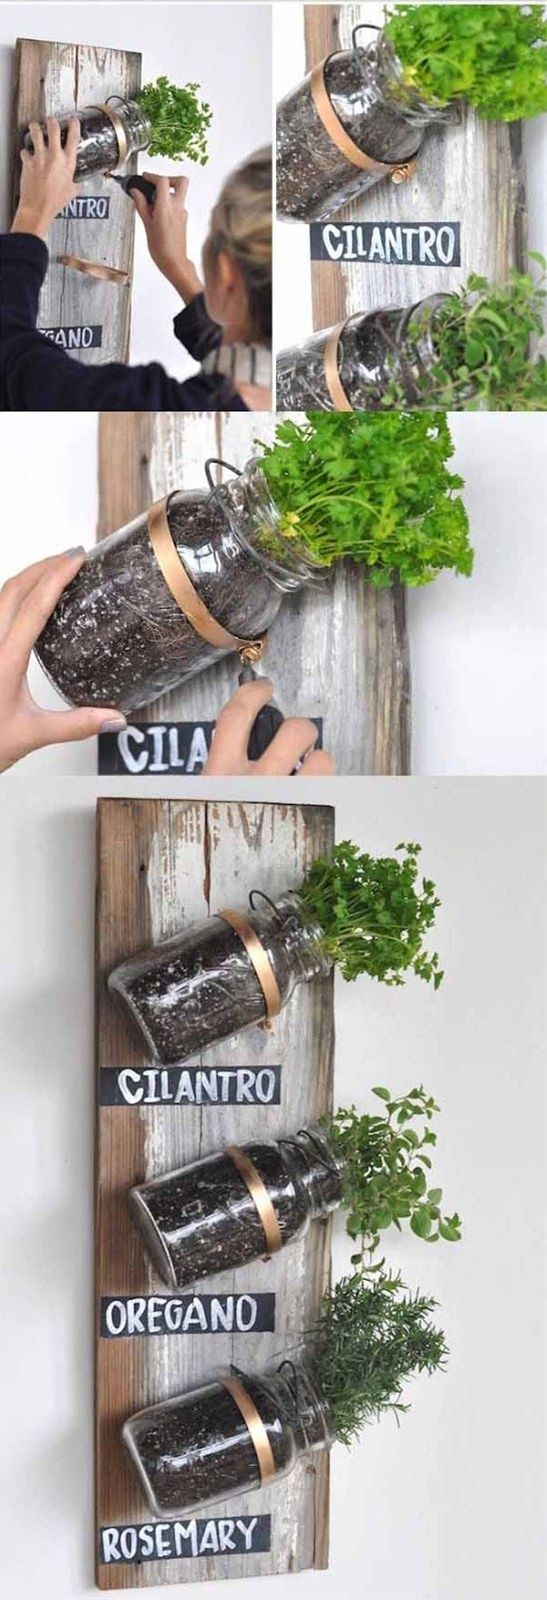 Mason jars herb garden